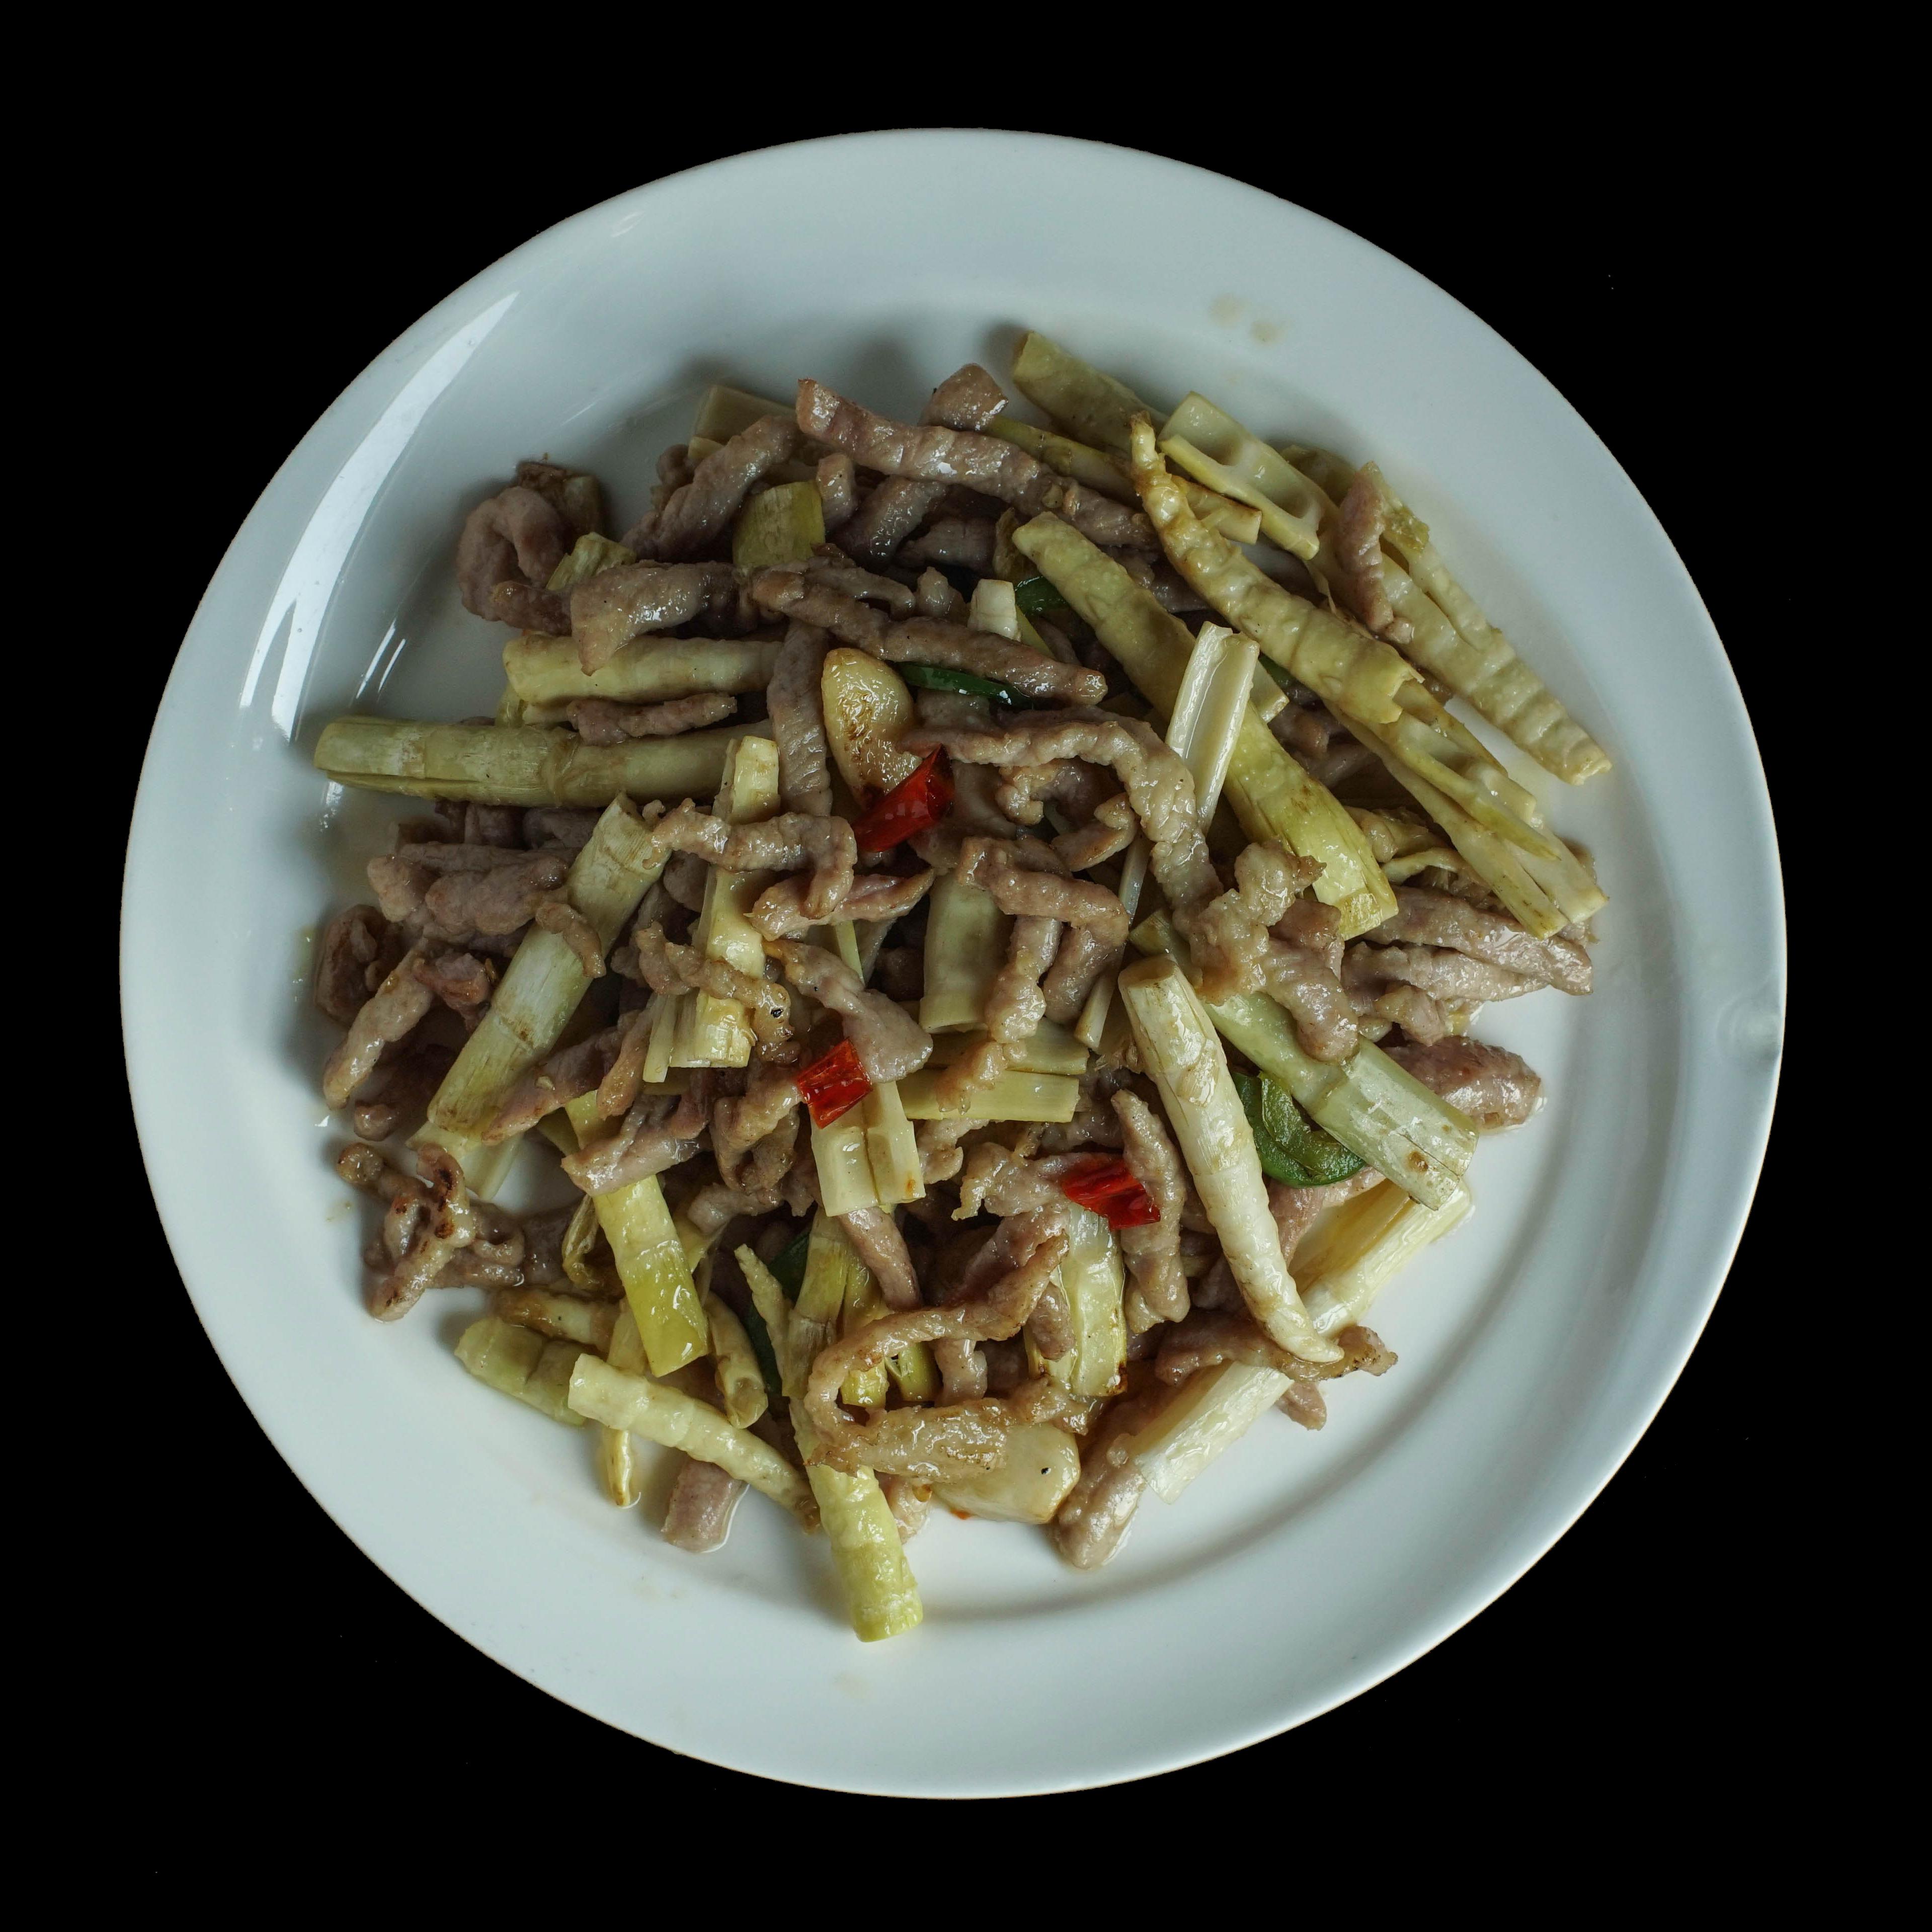 88. 笋尖炒肉丝 Bamboo Shoots Shredded Pork Image